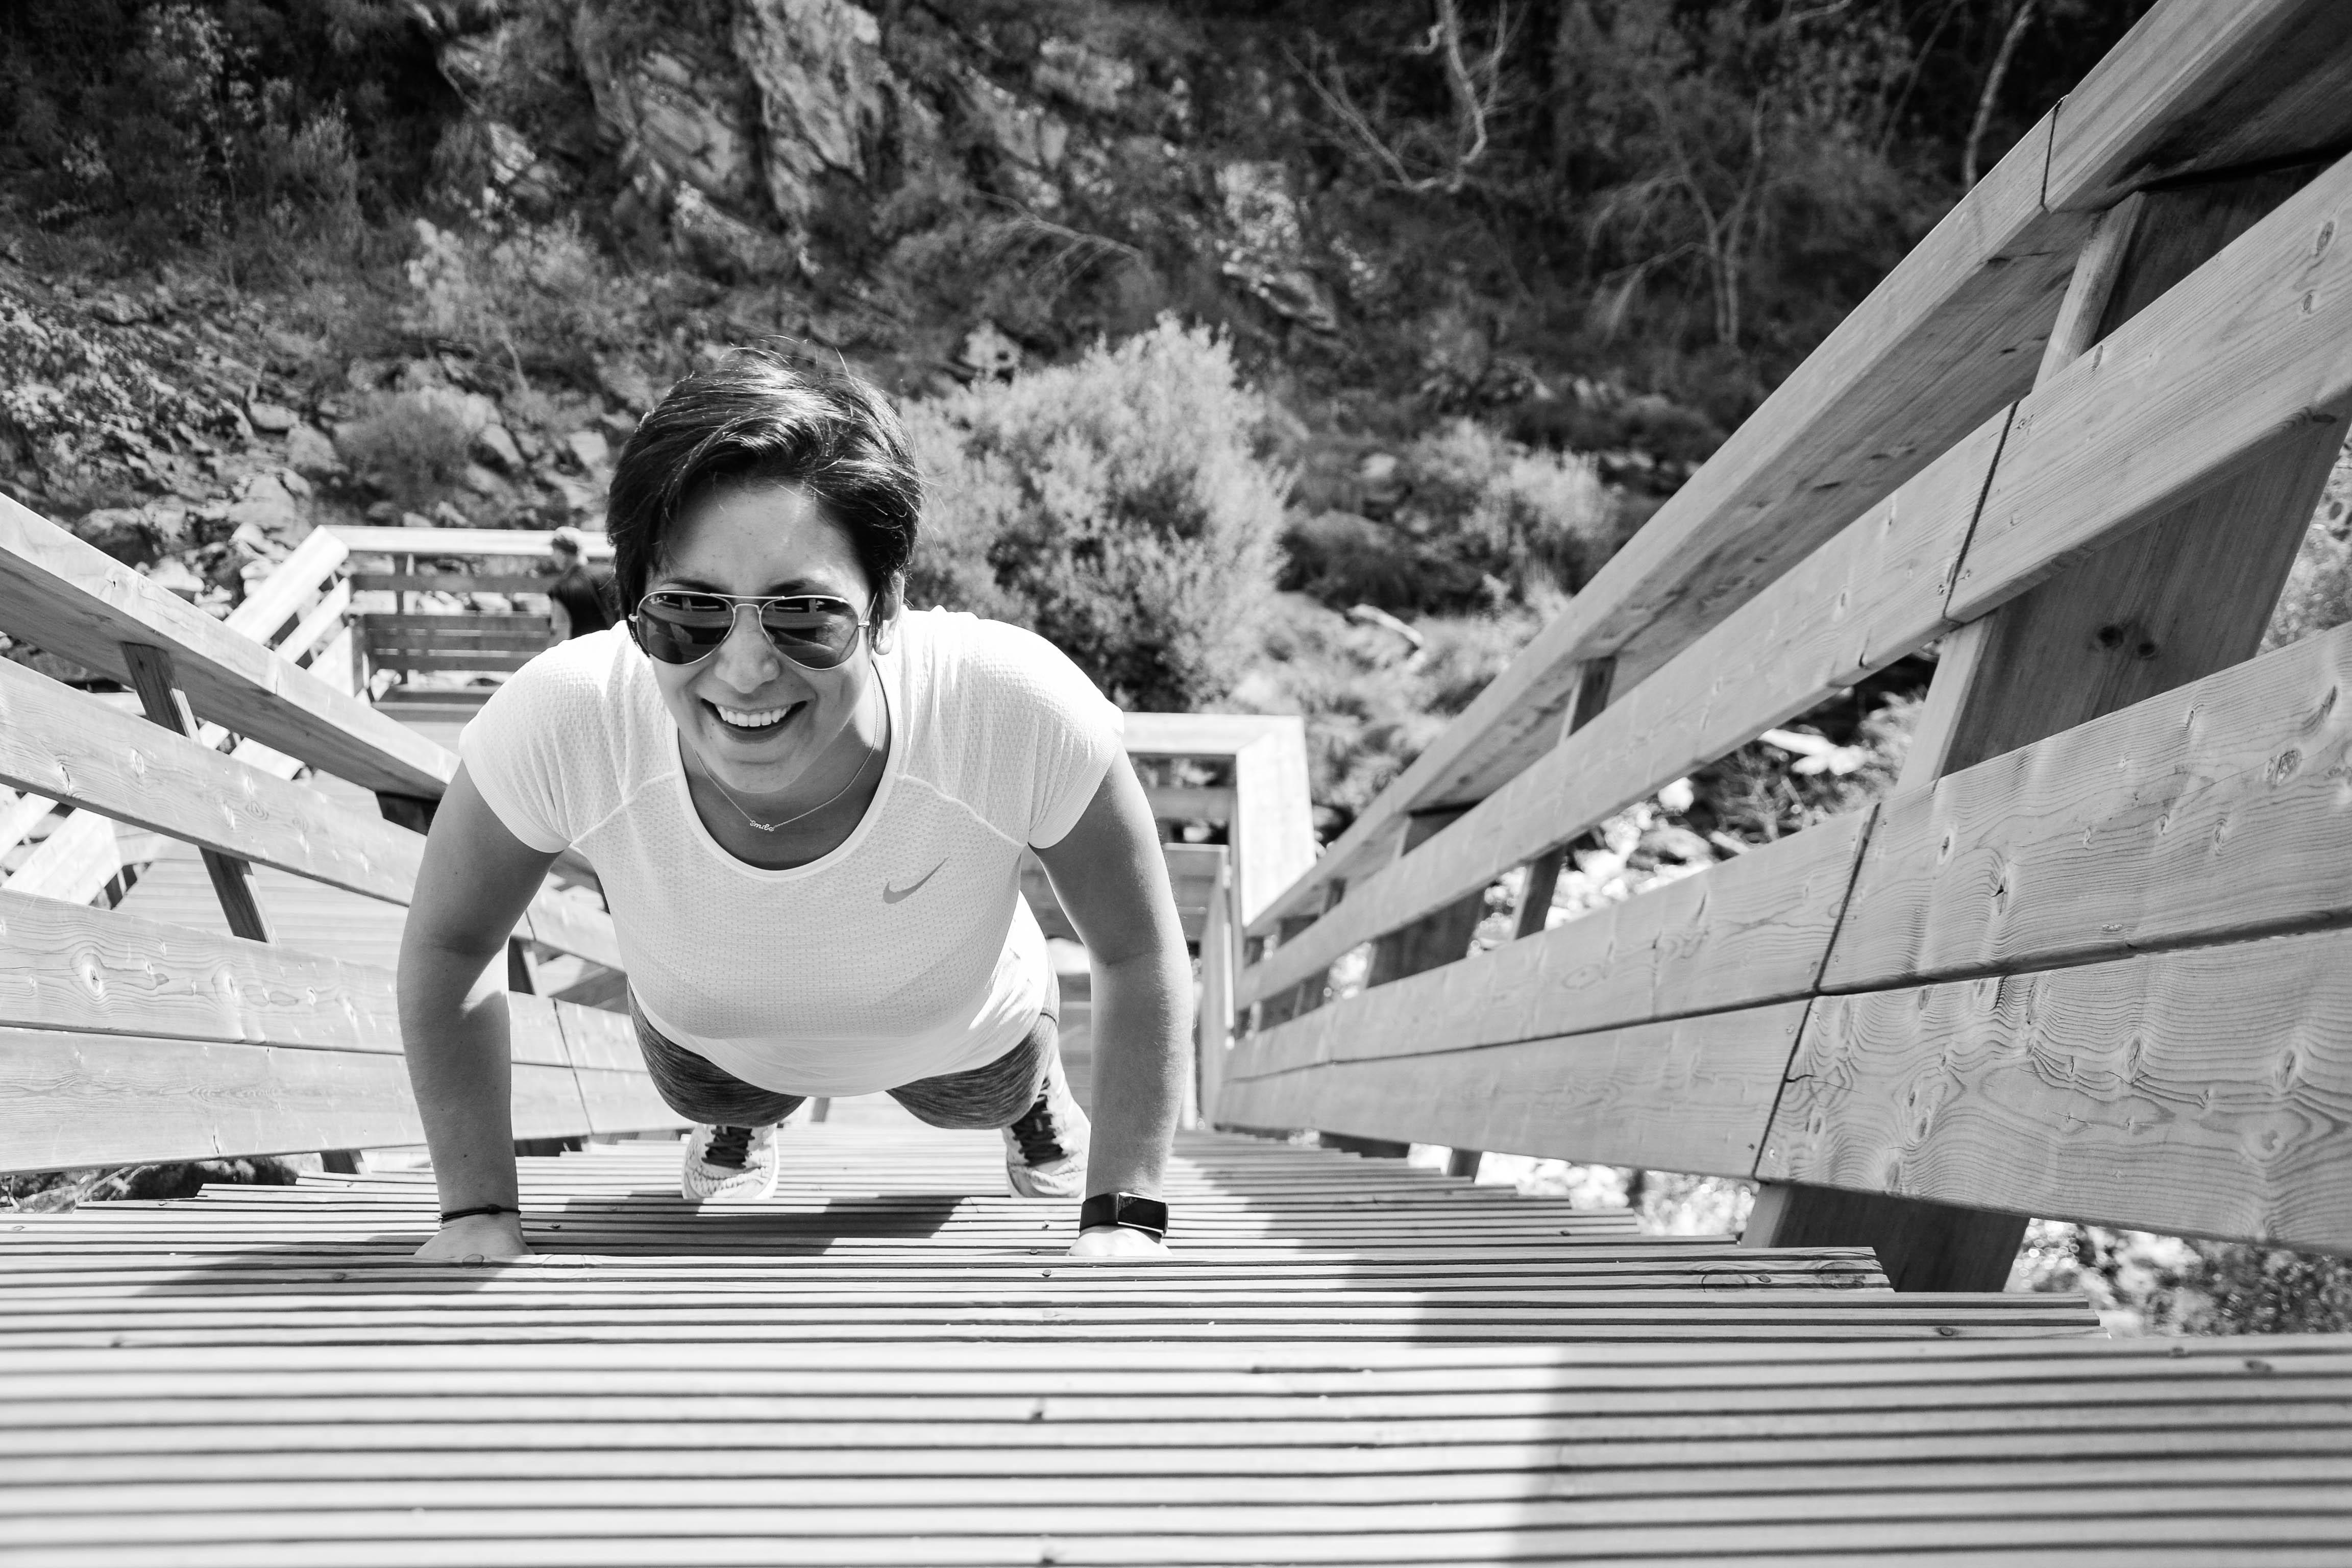 Entrainement sur escalier